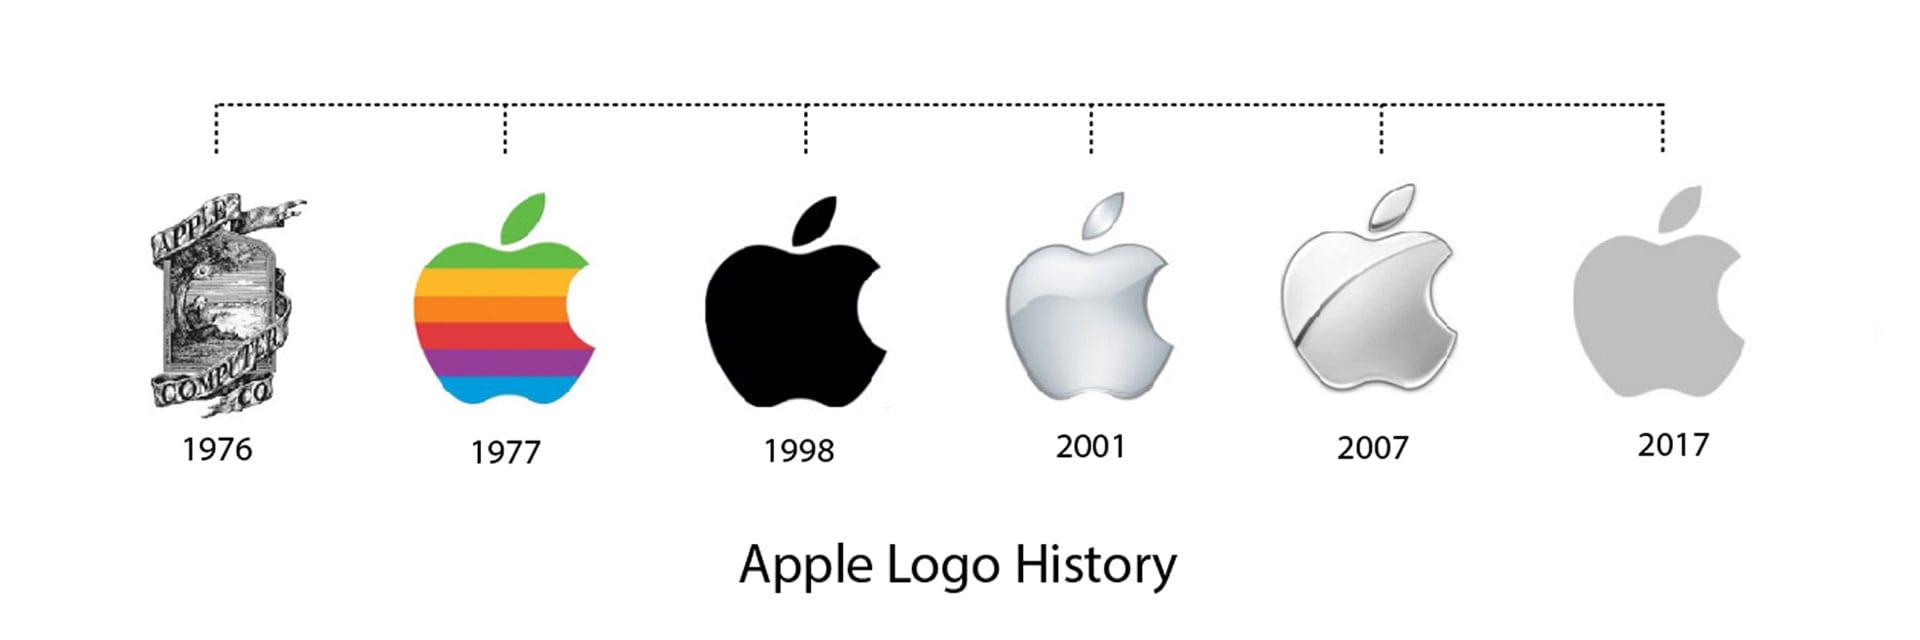 سیر تکاملی لوگو اپل